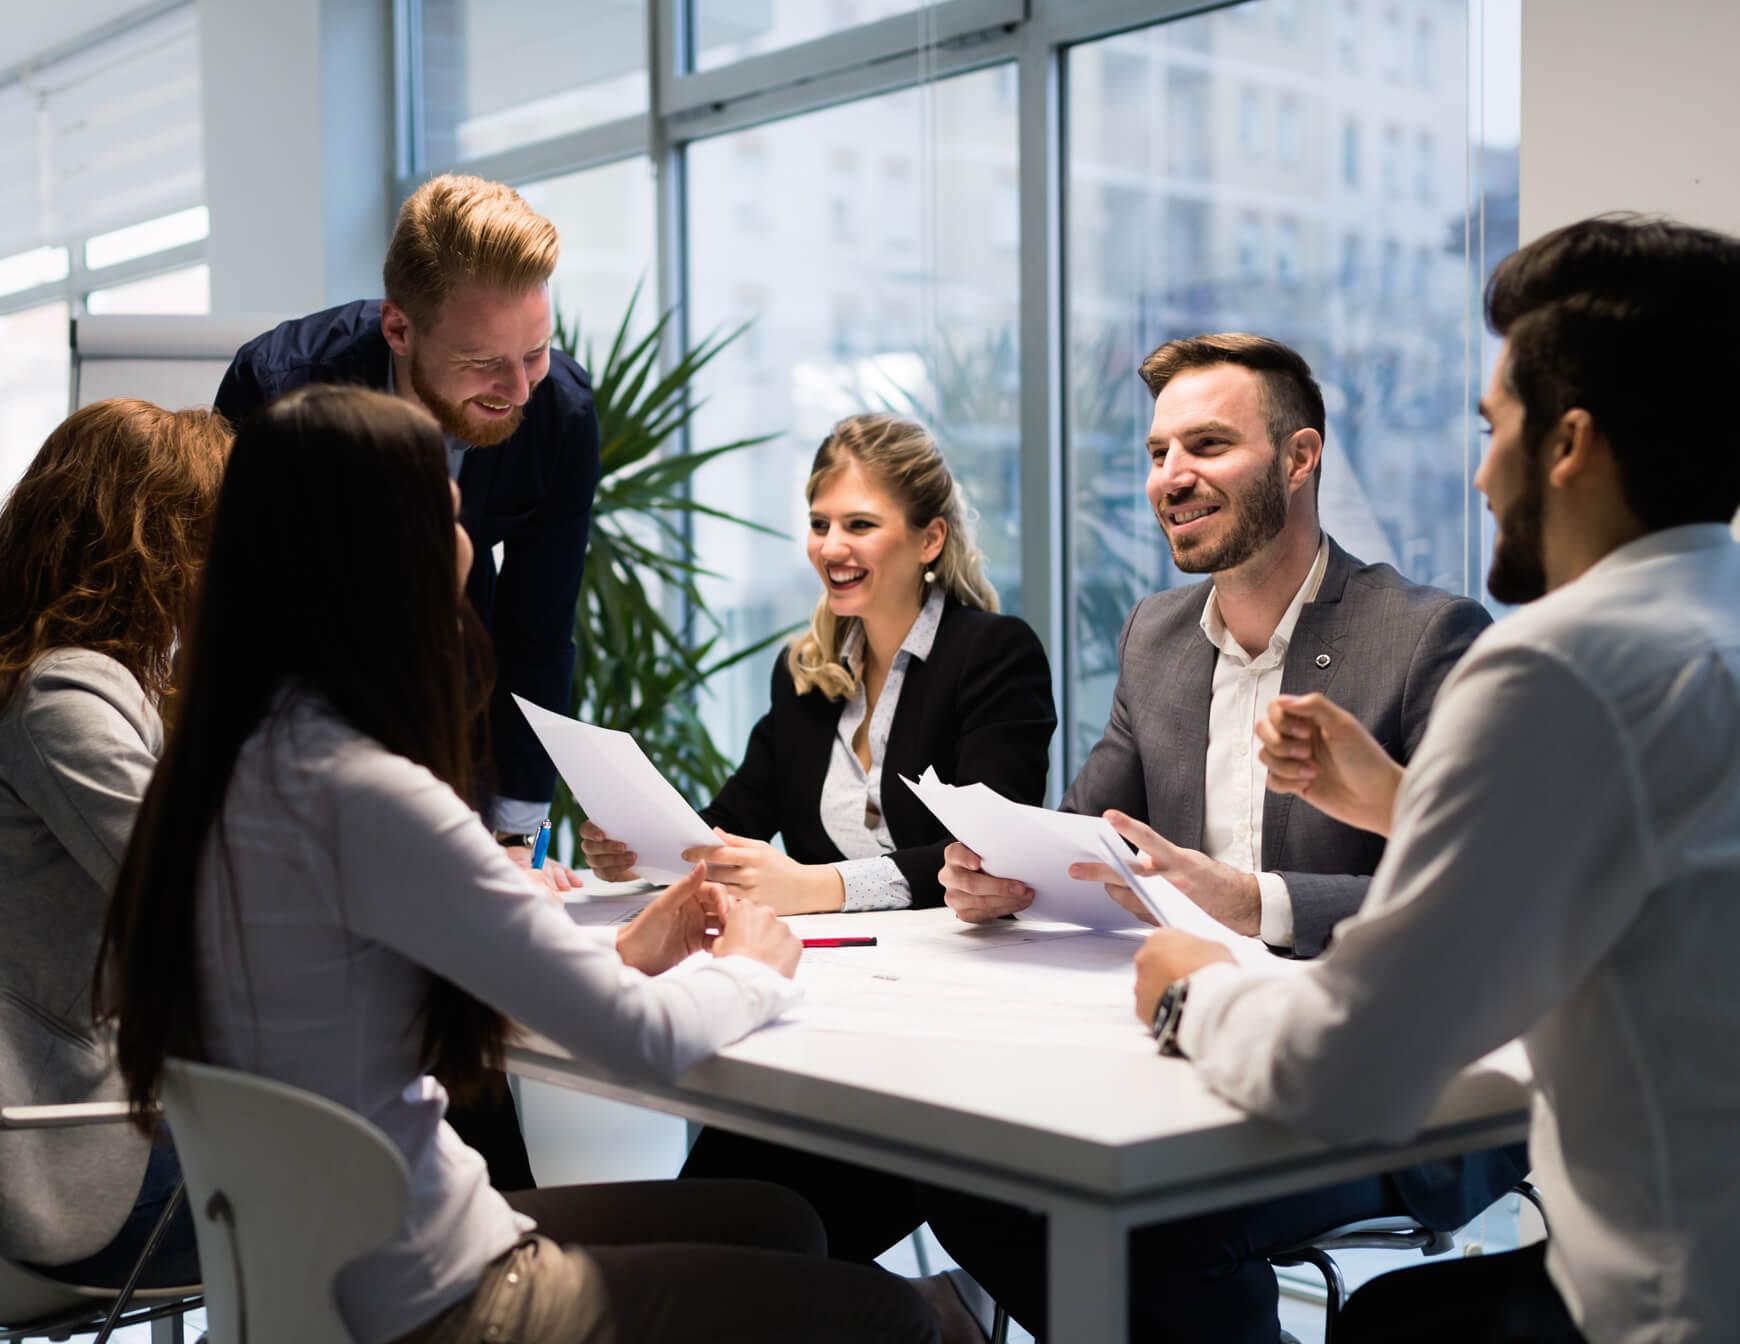 לשדרג את החוויה של הלקוחות העסקיים והפרטיים עם Avast